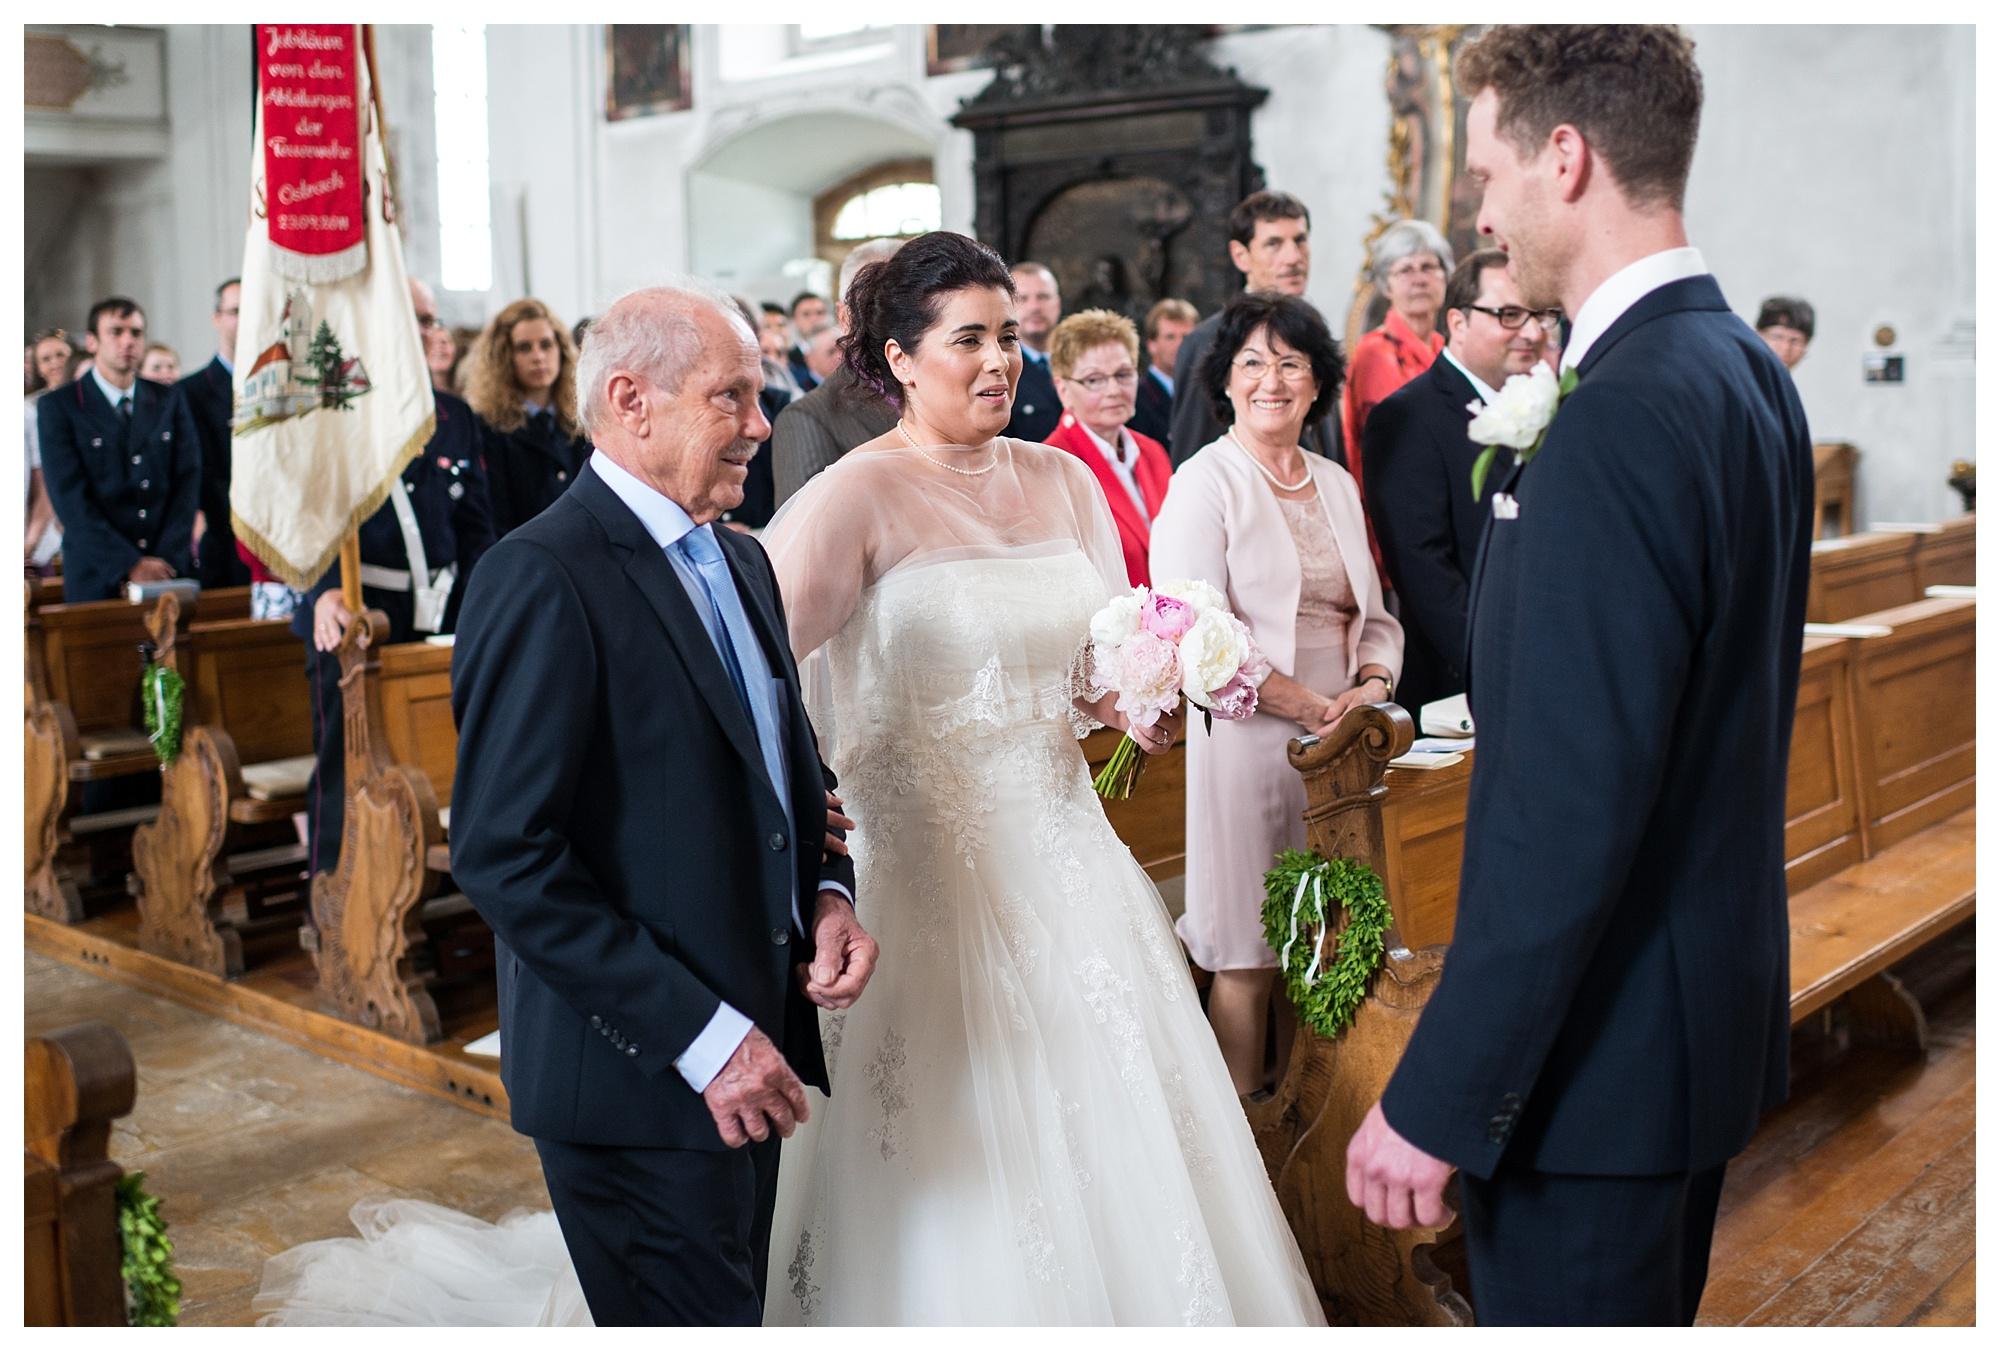 Fotograf Konstanz - Hochzeit Tanja Elmar Elmar Feuerbacher Photography Konstanz Messkirch Highlights 023 - Hochzeitsreportage von Tanja und Elmar im Schloss Meßkirch  - 127 -